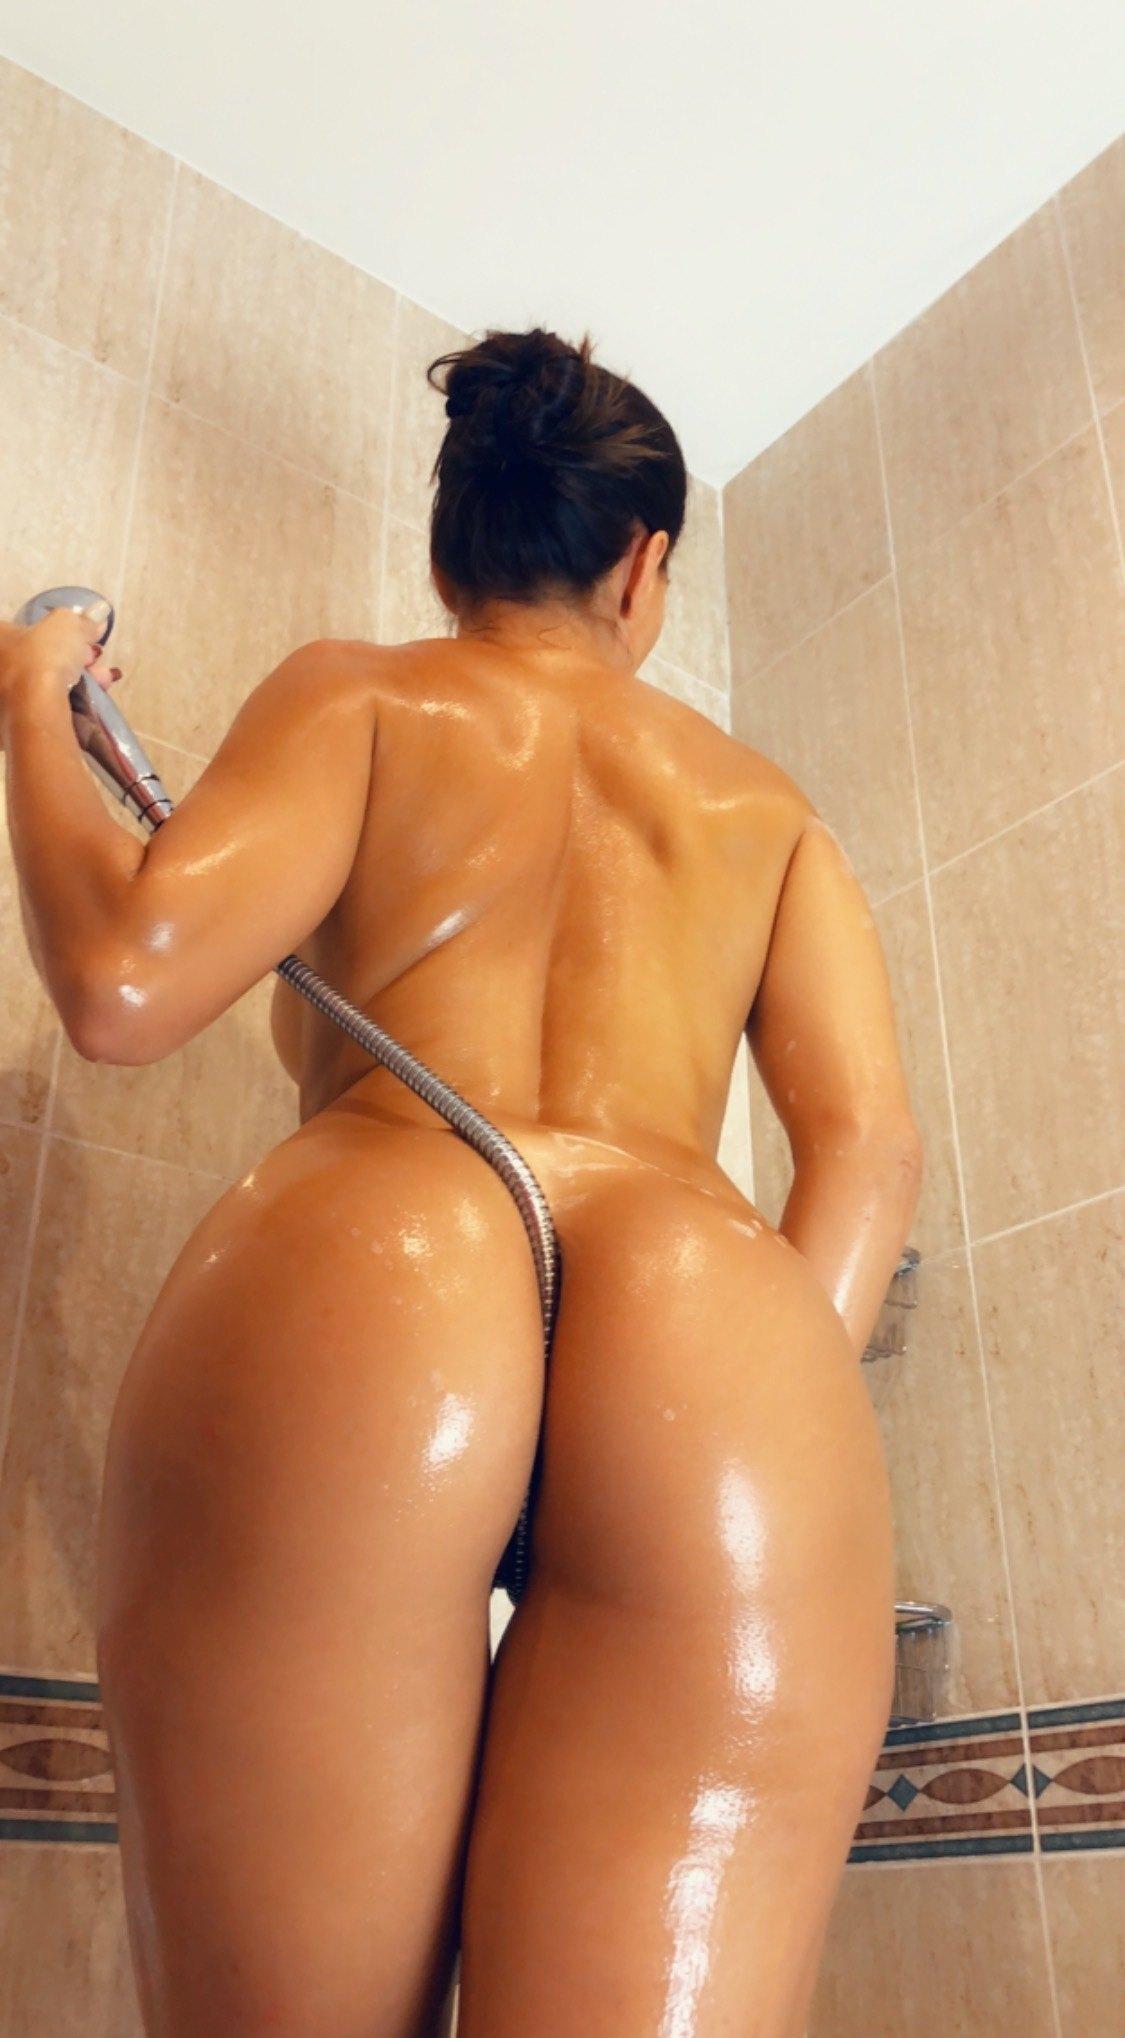 Neiva Mara Soyneiva Onlyfans Nudes Leaks 0006